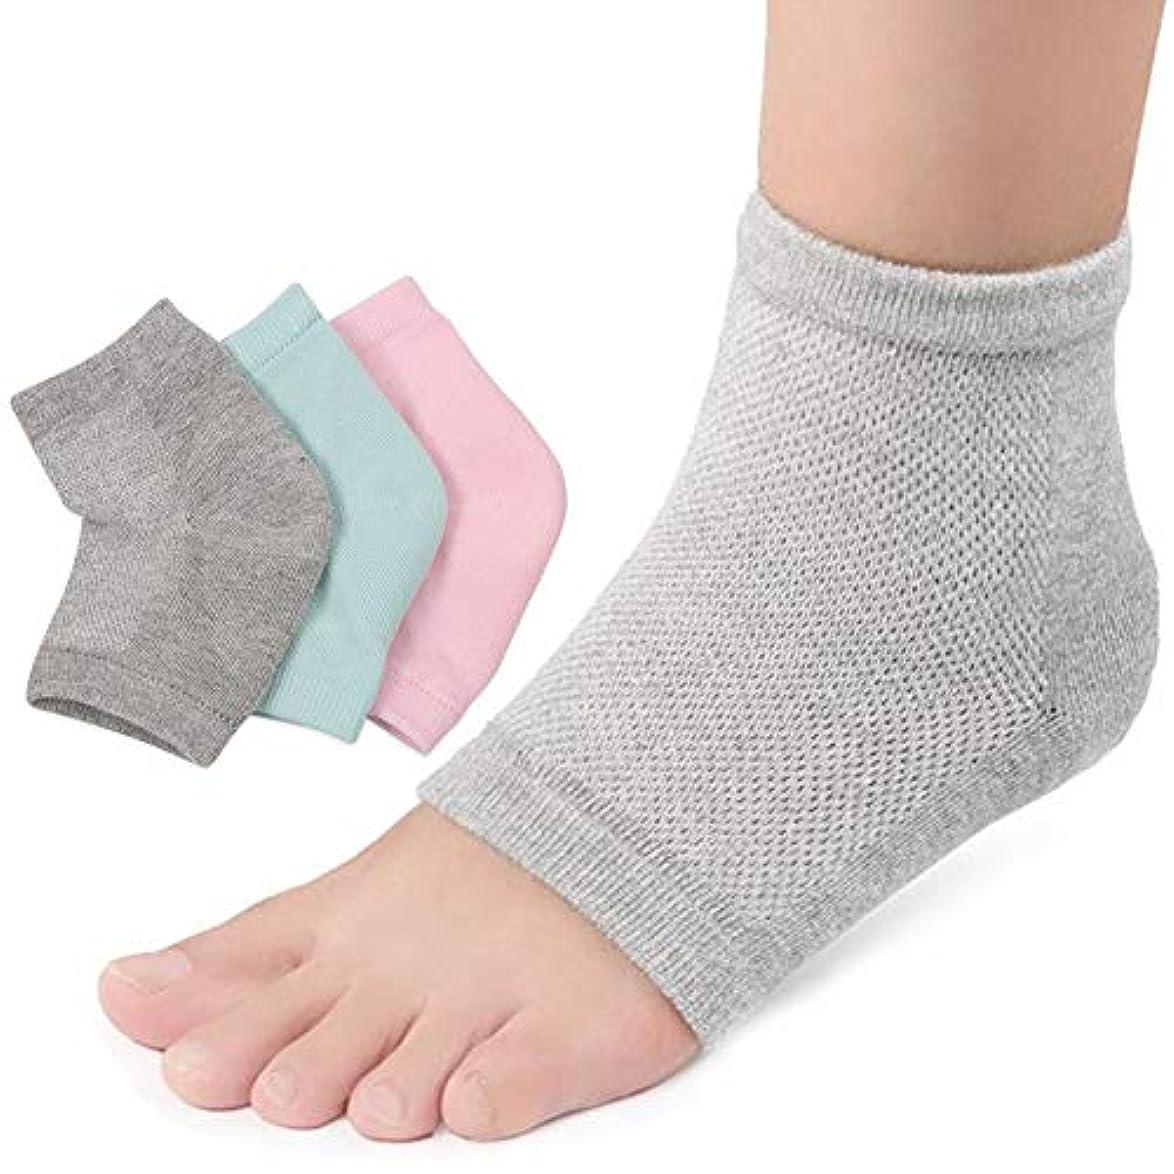 飢ワイヤー世界に死んだ3足セットかかと 靴下 かかとケア つるつる ジェル 靴下 角質 ケア 保湿 美容 角質除去足ケア 男女兼用